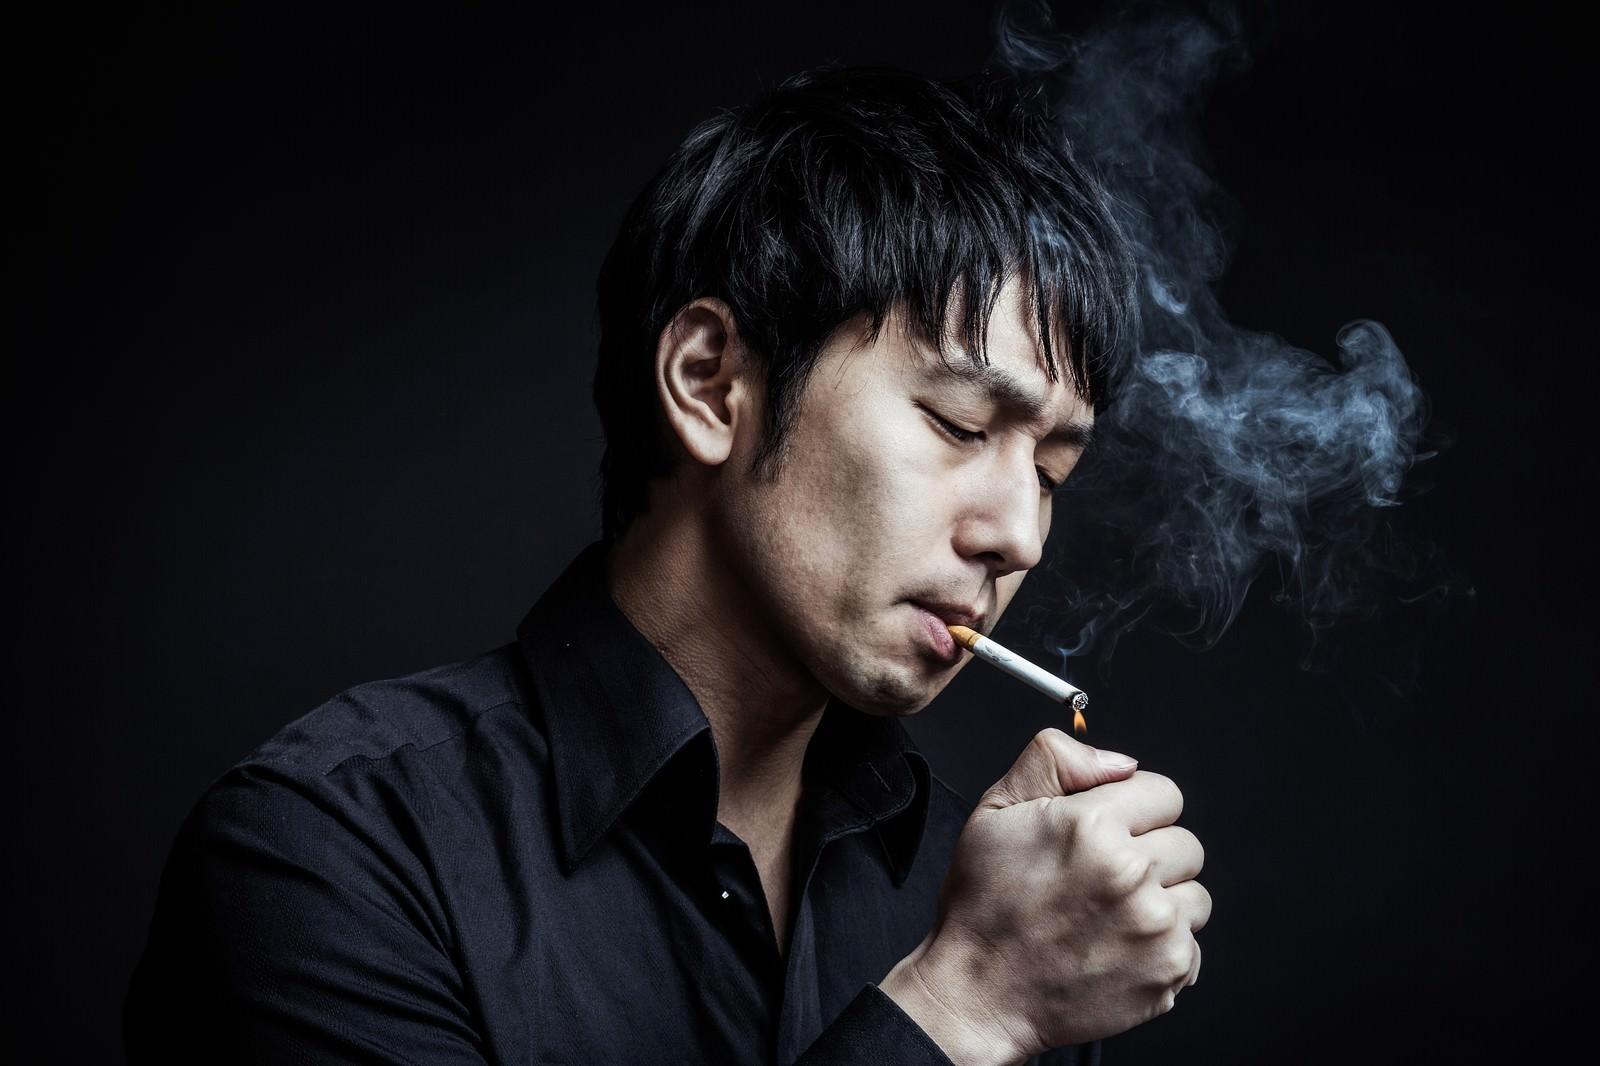 「指先でタバコに火をつける新進気鋭のマジシャン」の写真[モデル:大川竜弥]